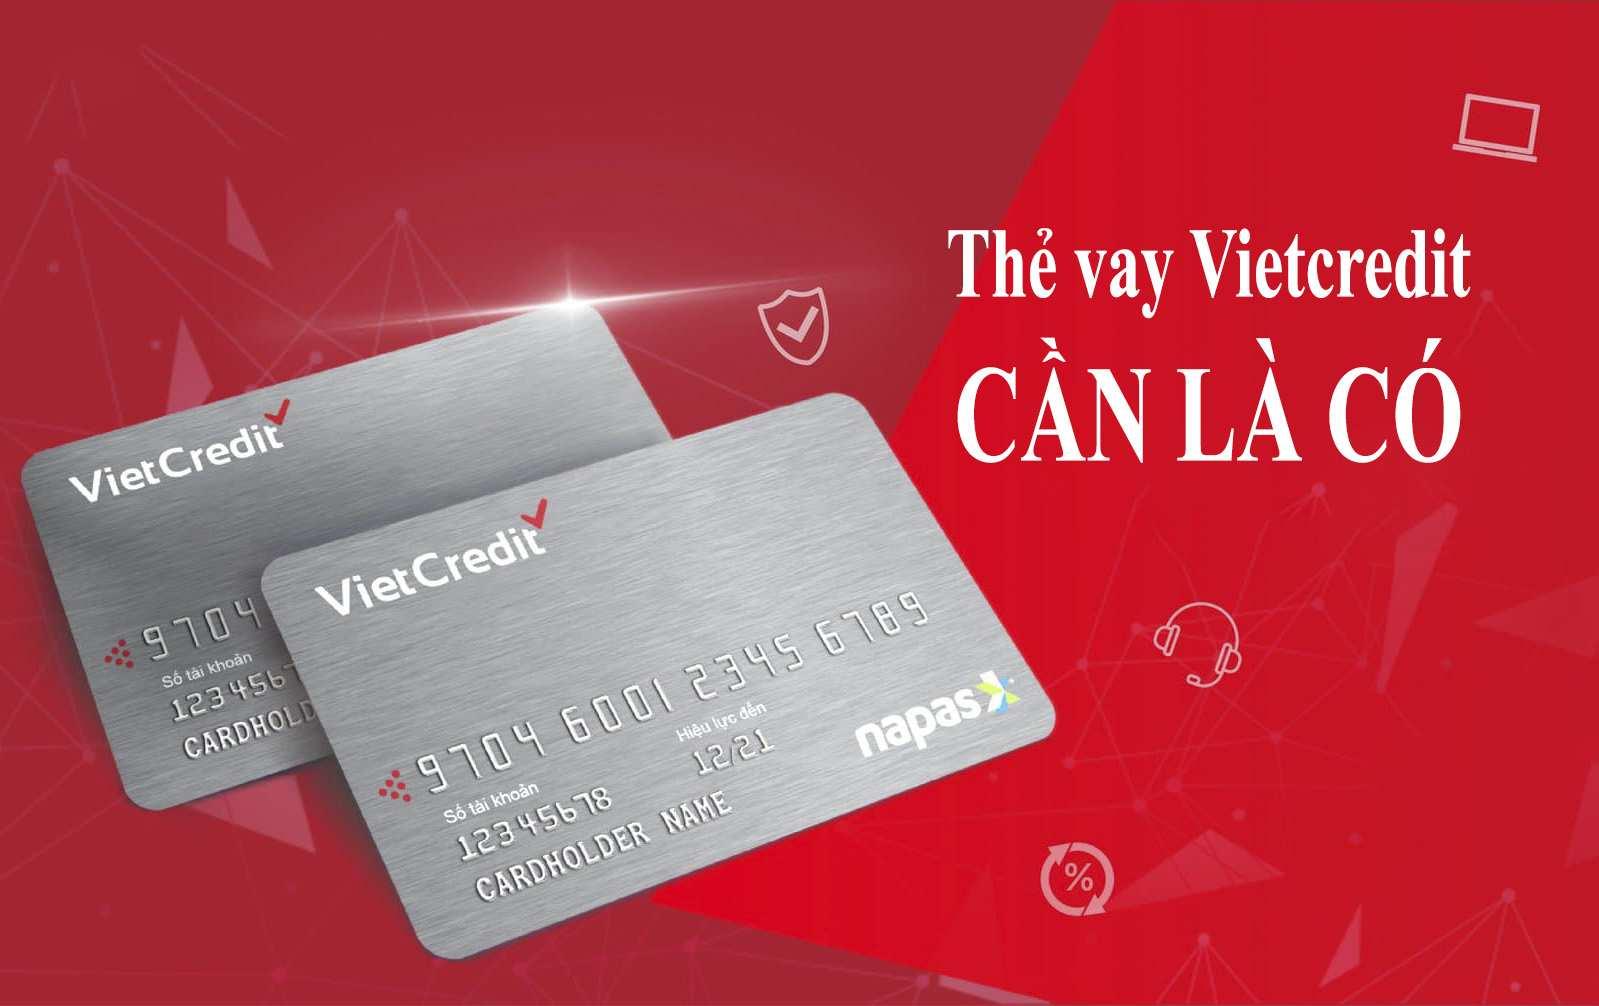 Thẻ vay VietCredit là gì? Điều bạn cần biết